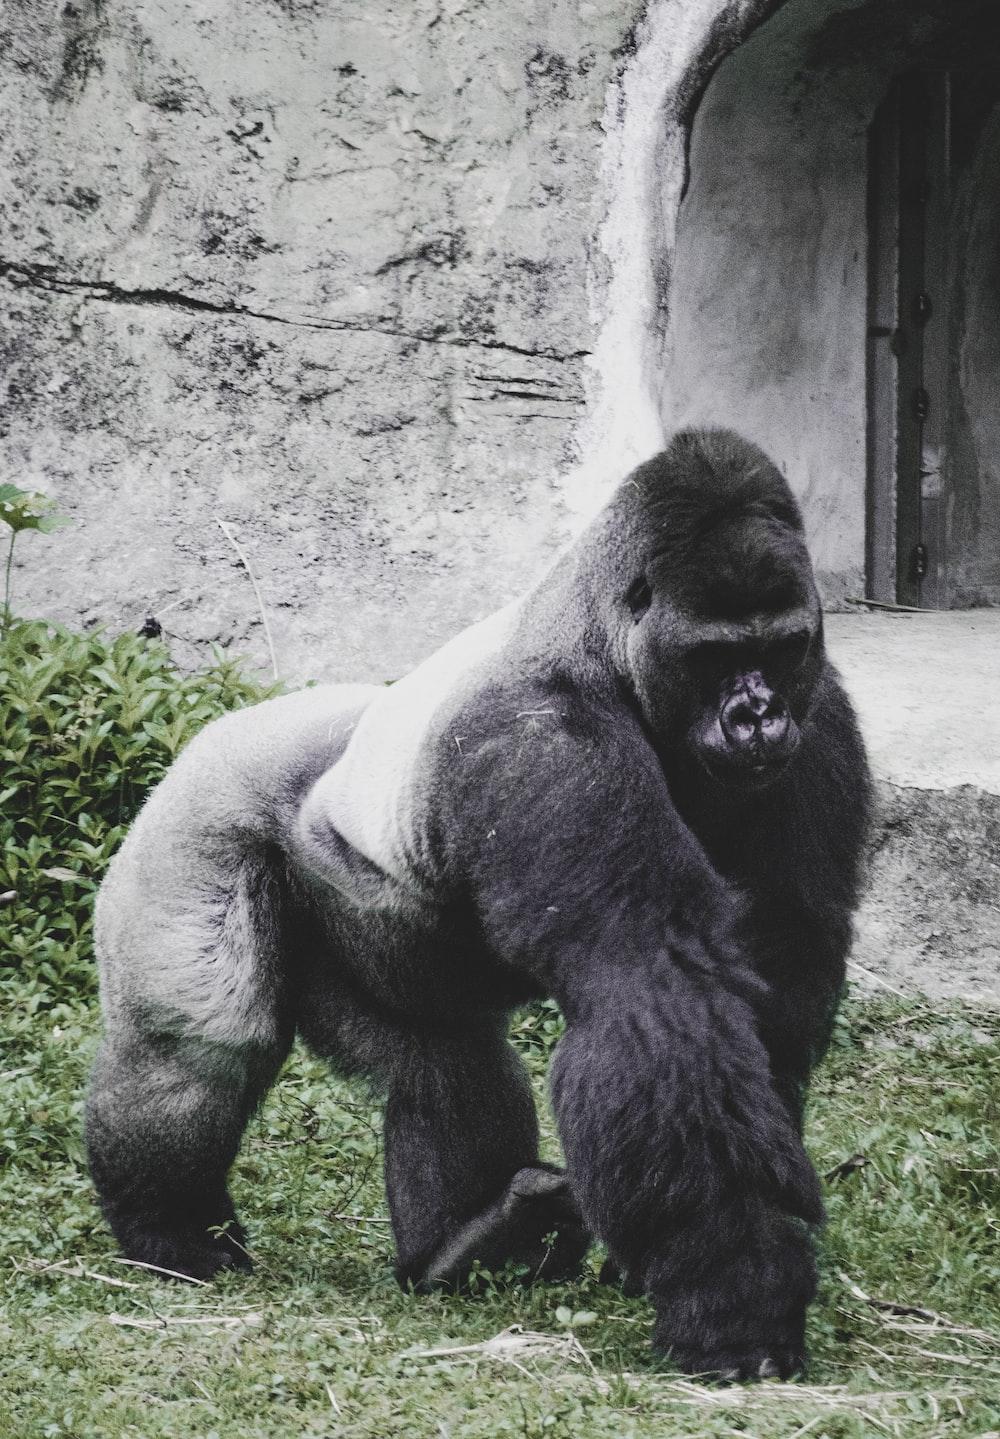 black gorilla sitting on ground